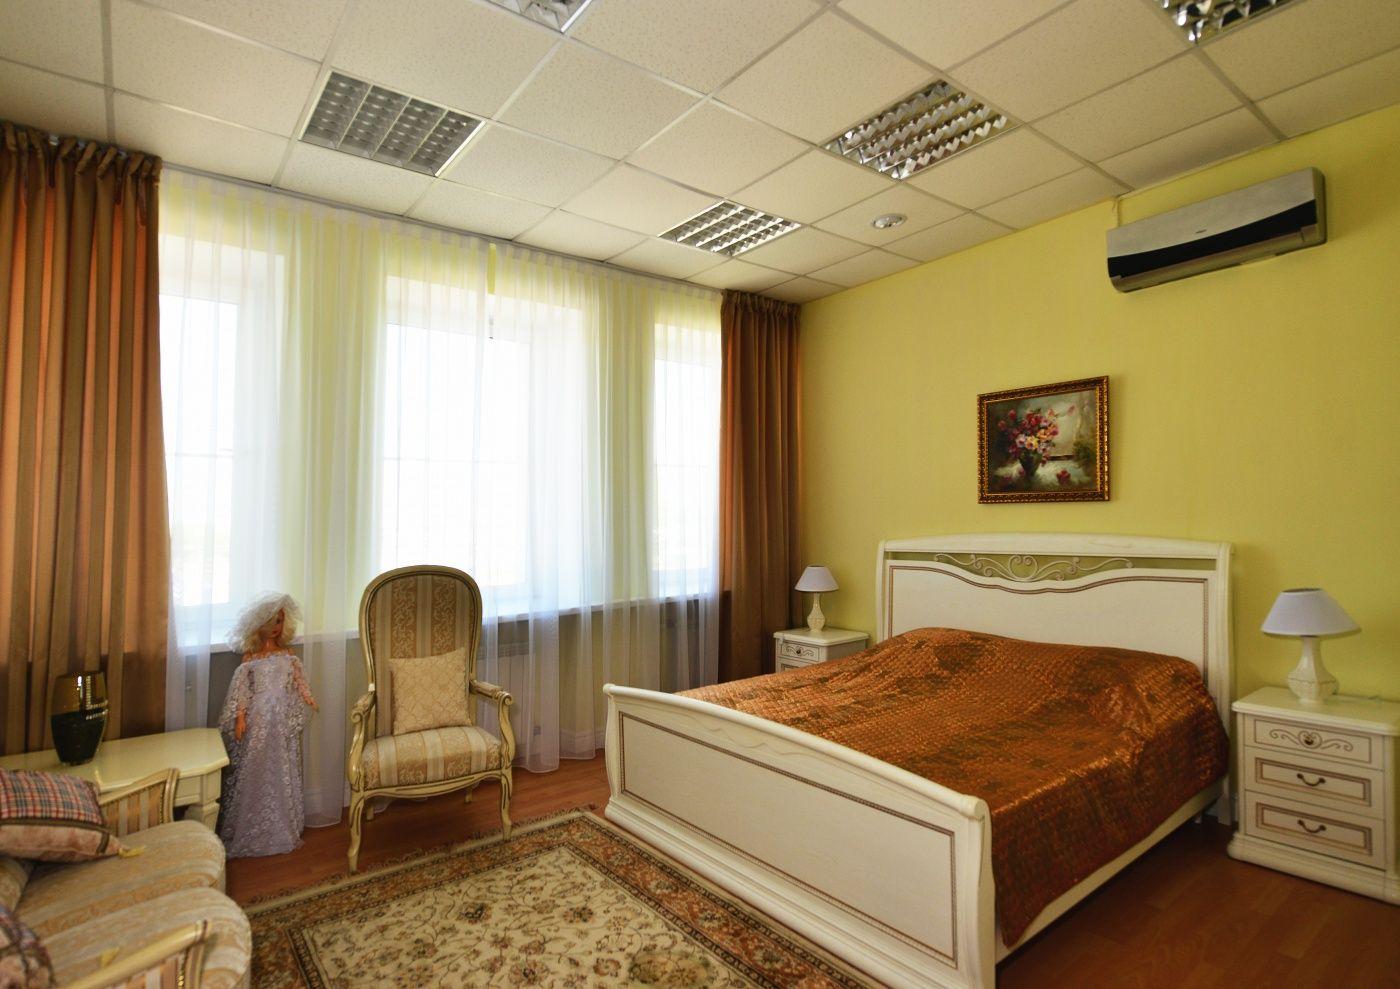 Загородный отель «Сибирская Венеция» Красноярский край Номер VIP для молодоженов, фото 1